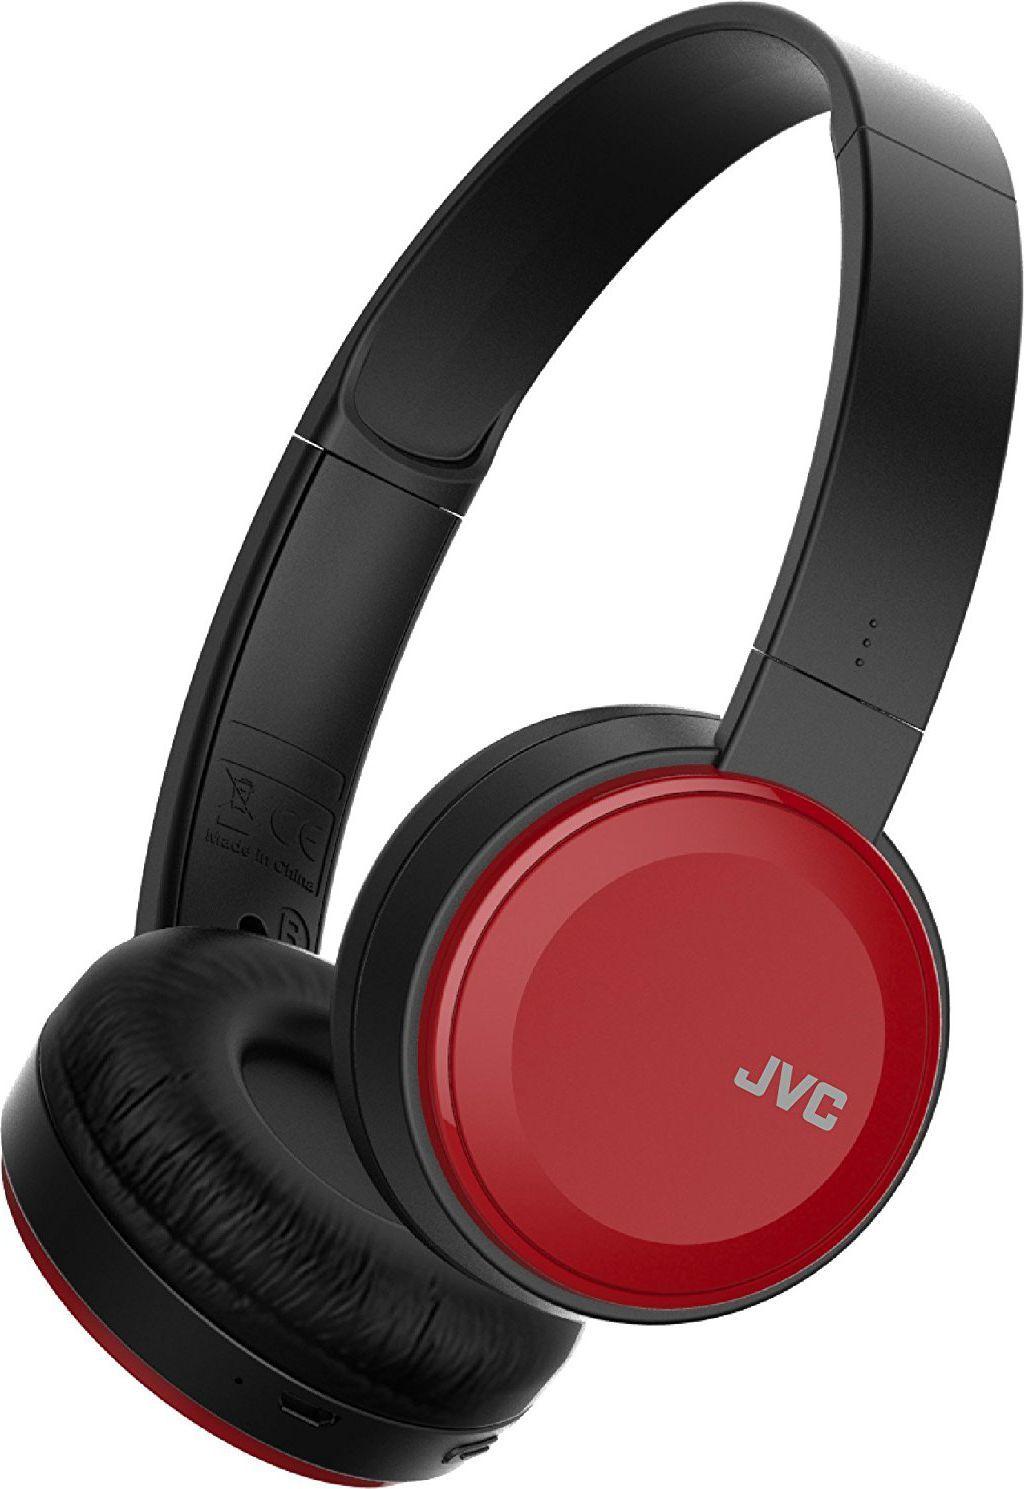 Słuchawki JVC HA-S30BT (HA-S30BT-RE) 1